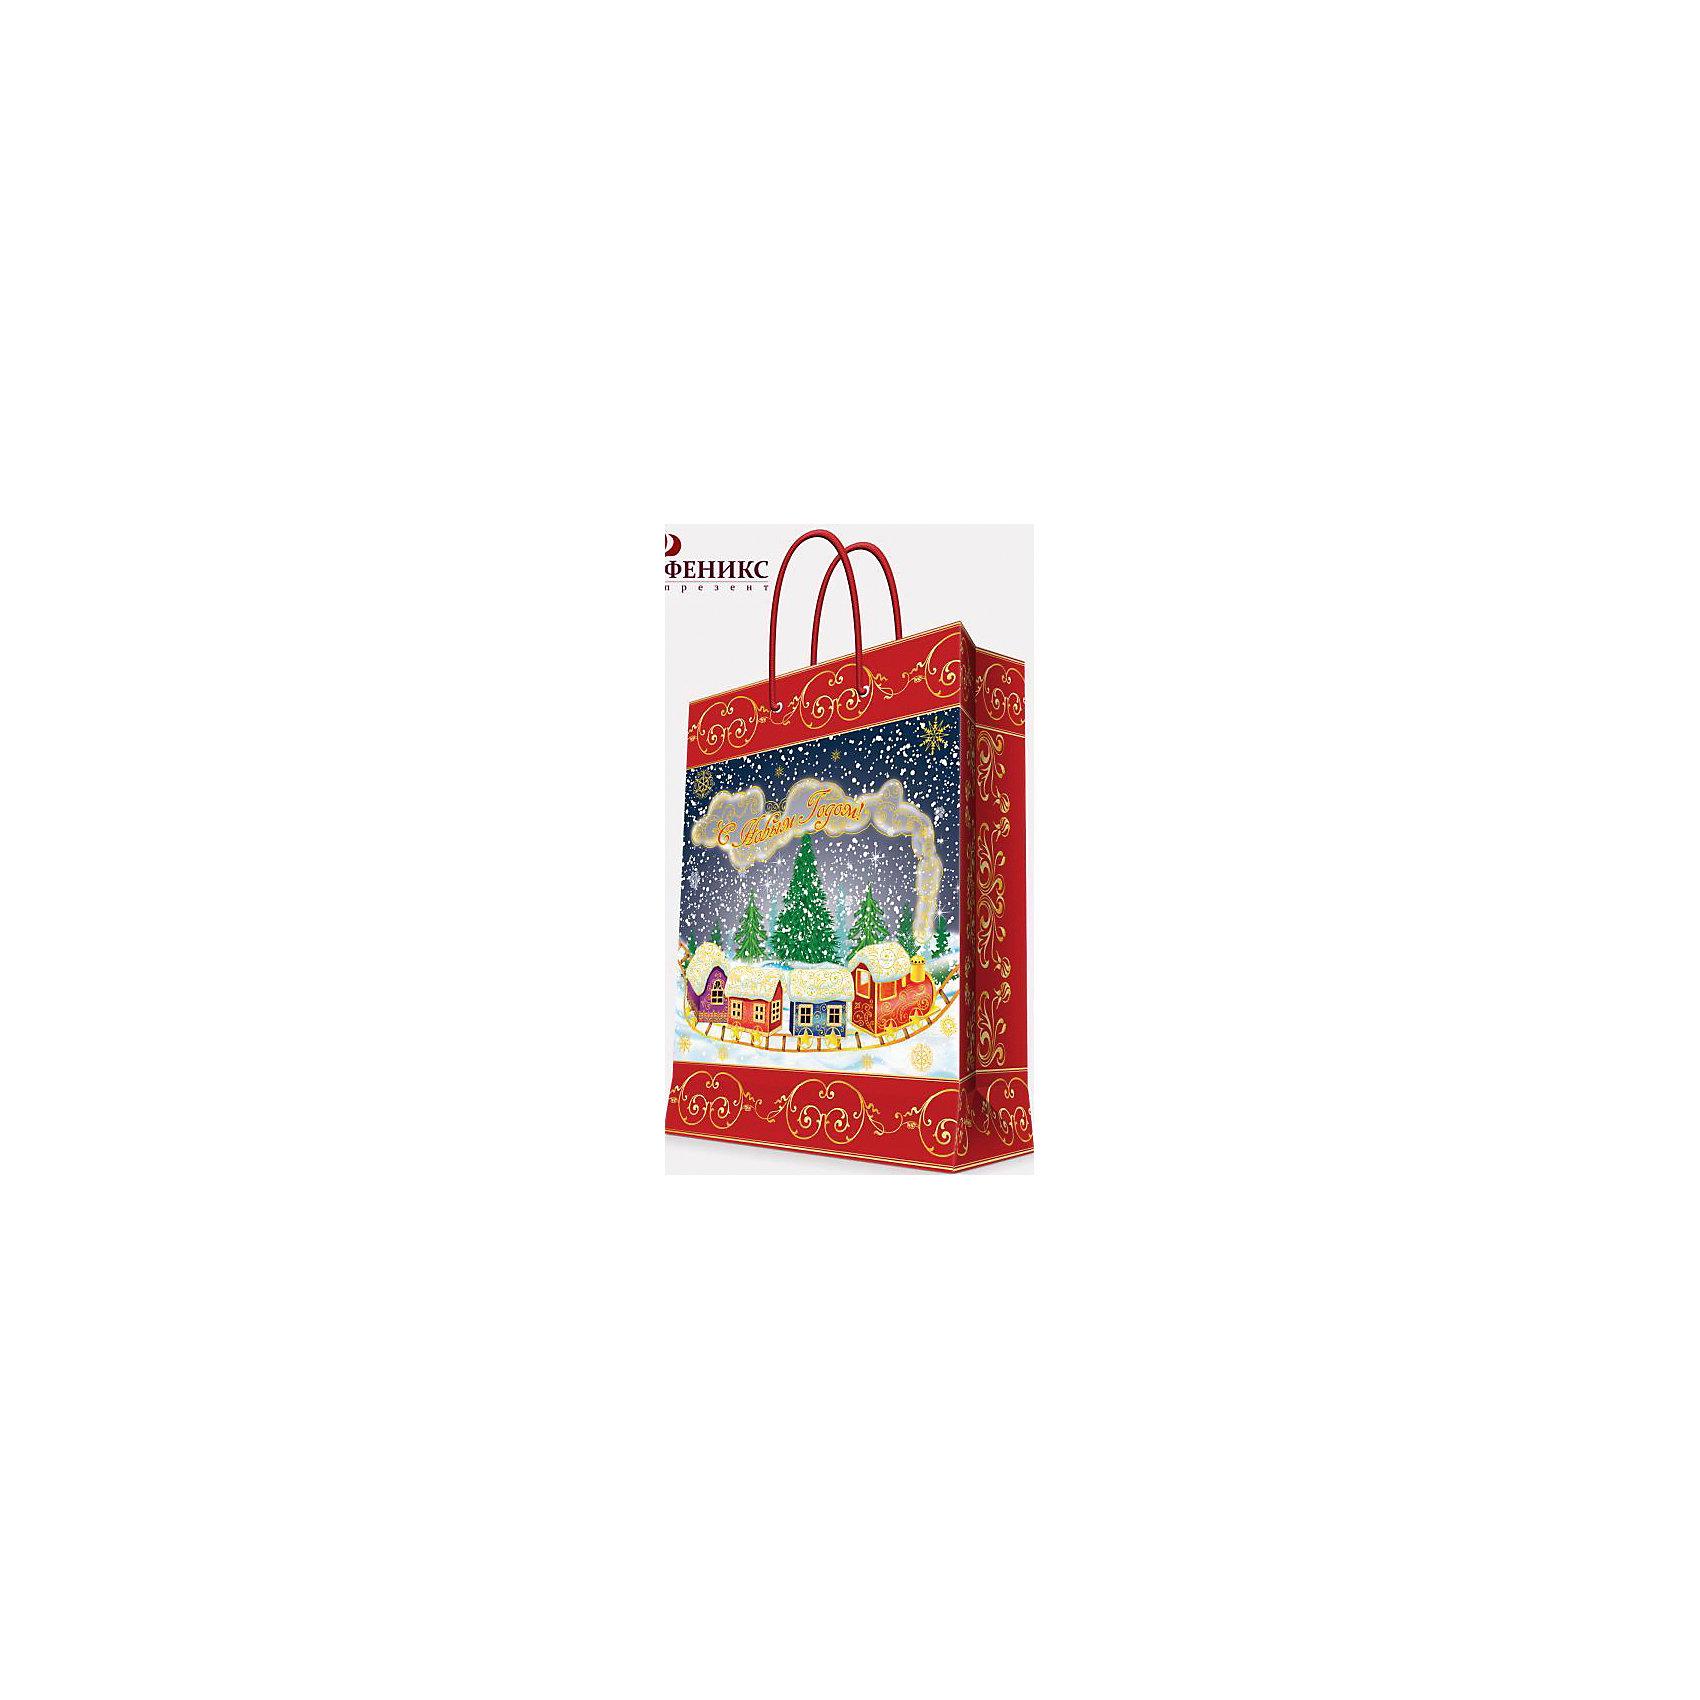 Подарочный пакет Паровозик 26*32,4*12,7 смПриближение Нового года не может не радовать! Праздничное настроение создает украшенный дом, наряженная ёлка, запах мандаринов, предновогодняя суета и, конечно же, подарки! Чтобы сделать момент вручения приятнее, нужен красивый подарочный пакет.<br>Этот пакет украшен симпатичным универсальным рисунком, поэтому в него можно упаковать подарок и родственнику, и коллеге. Он сделан из безопасного для детей, прочного, но легкого, материала. Создайте с ним праздничное настроение себе и близким!<br><br>Дополнительная информация:<br><br>плотность бумаги: 140 г/м2;<br>размер: 26 х 32 х 13 см;<br>с ламинацией;<br>украшен рисунком.<br><br>Подарочный пакет Паровозик 26*32,4*12,7 см можно купить в нашем магазине.<br><br>Ширина мм: 260<br>Глубина мм: 234<br>Высота мм: 127<br>Вес г: 74<br>Возраст от месяцев: 36<br>Возраст до месяцев: 2147483647<br>Пол: Унисекс<br>Возраст: Детский<br>SKU: 4981577